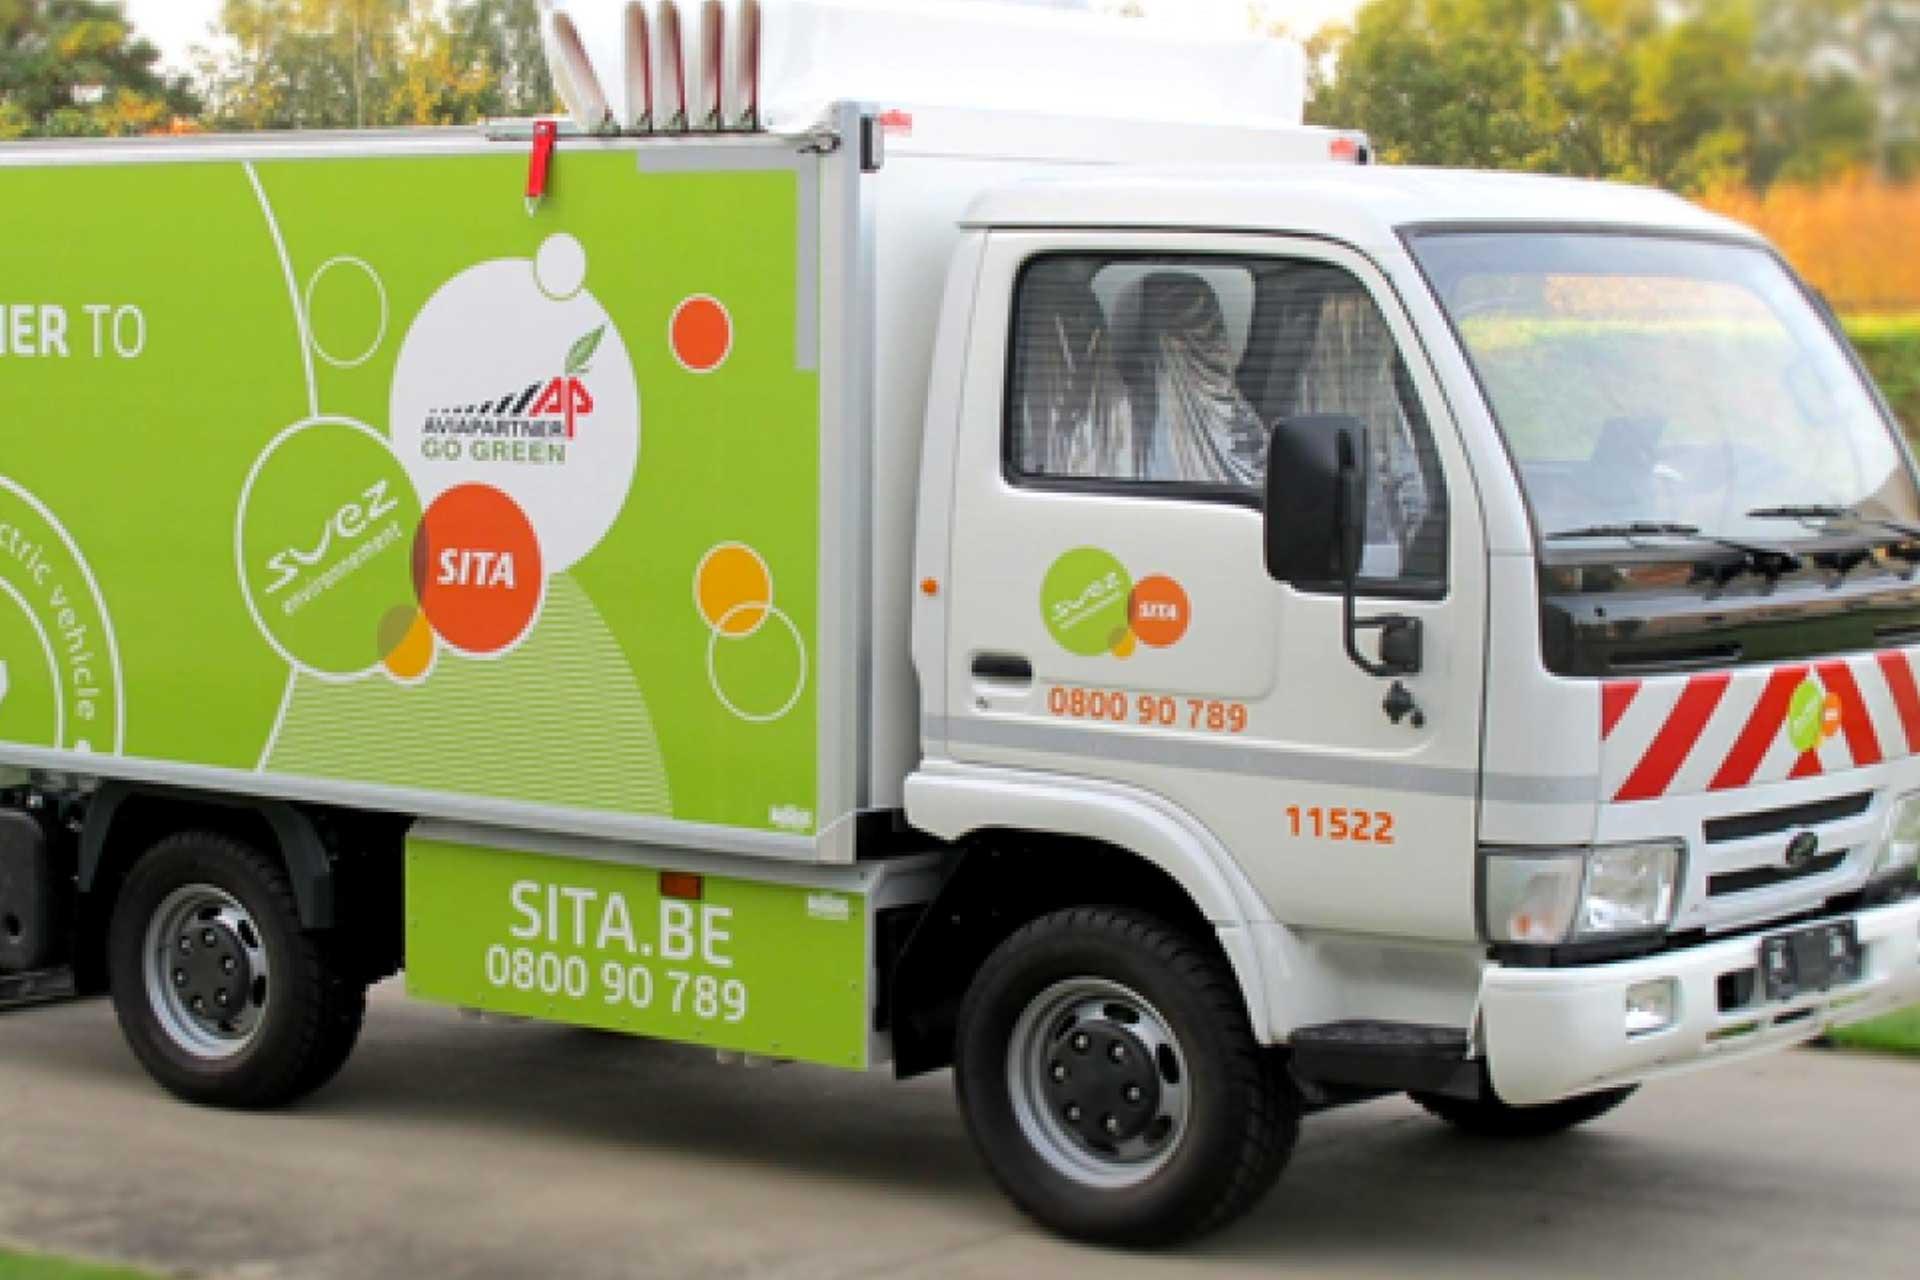 Realizzazioni - Green Vehicles - Veicoli elettrici - Jesi - Italia 5